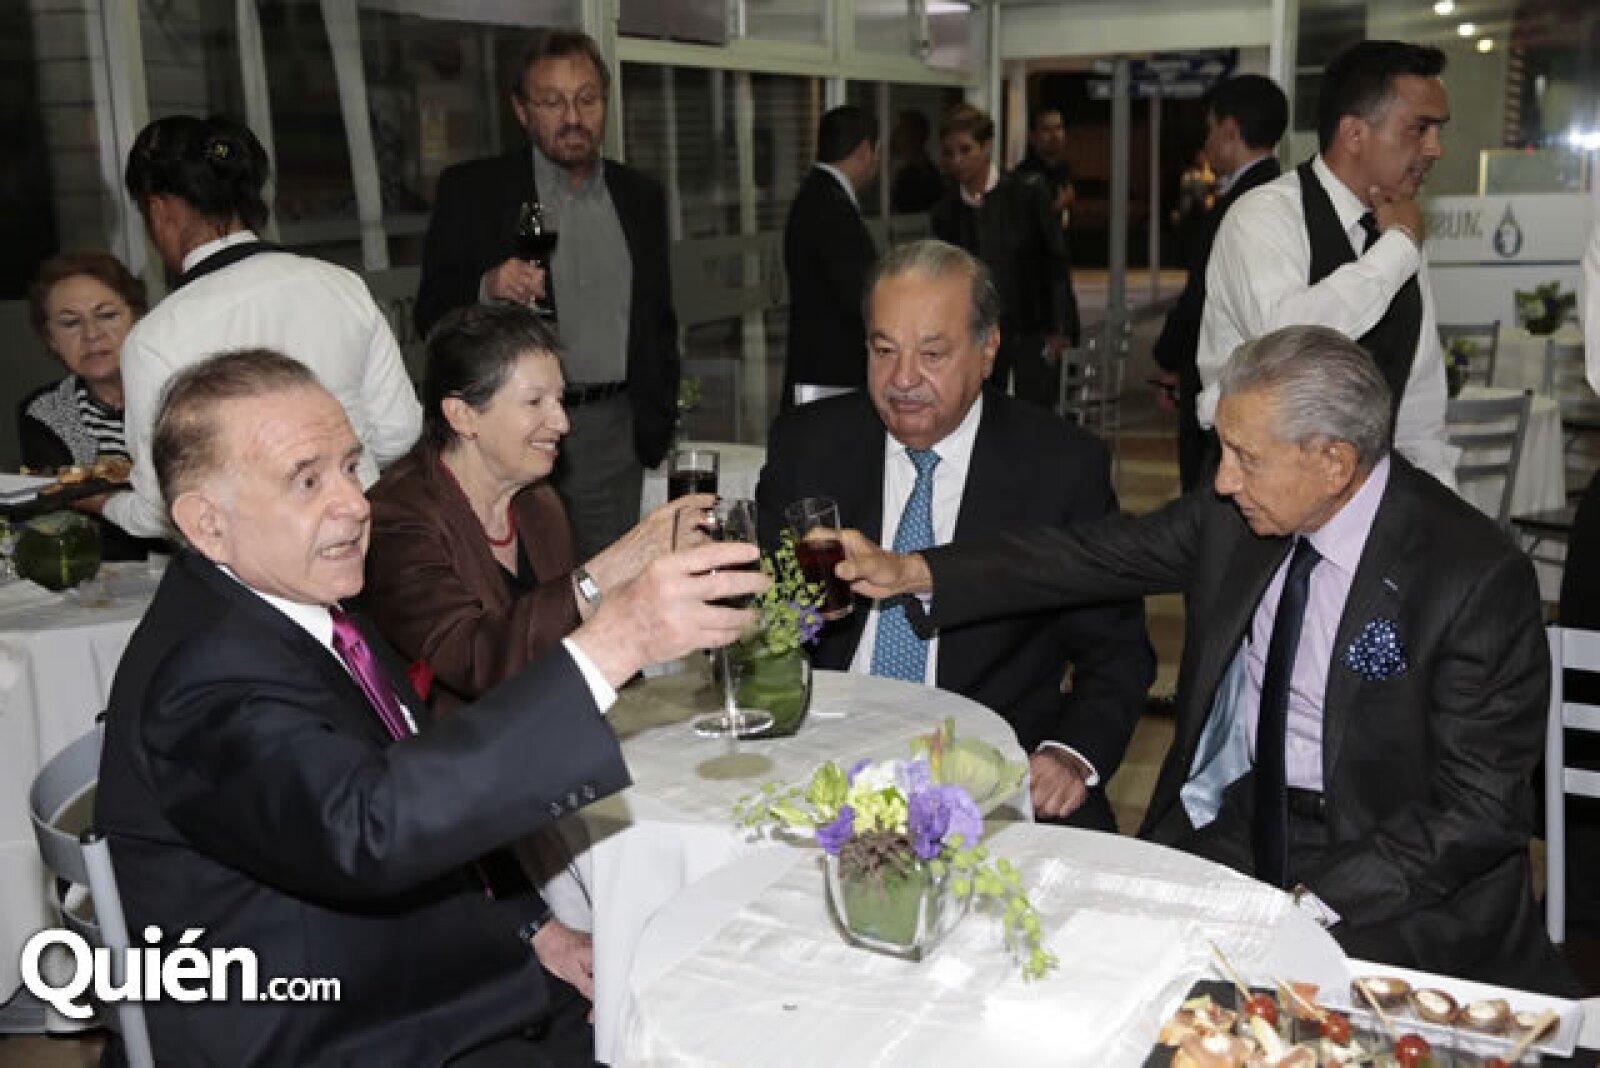 Mario Rabner,Michelle Rabner,Carlos Slim,Miguel Alemán Velasco